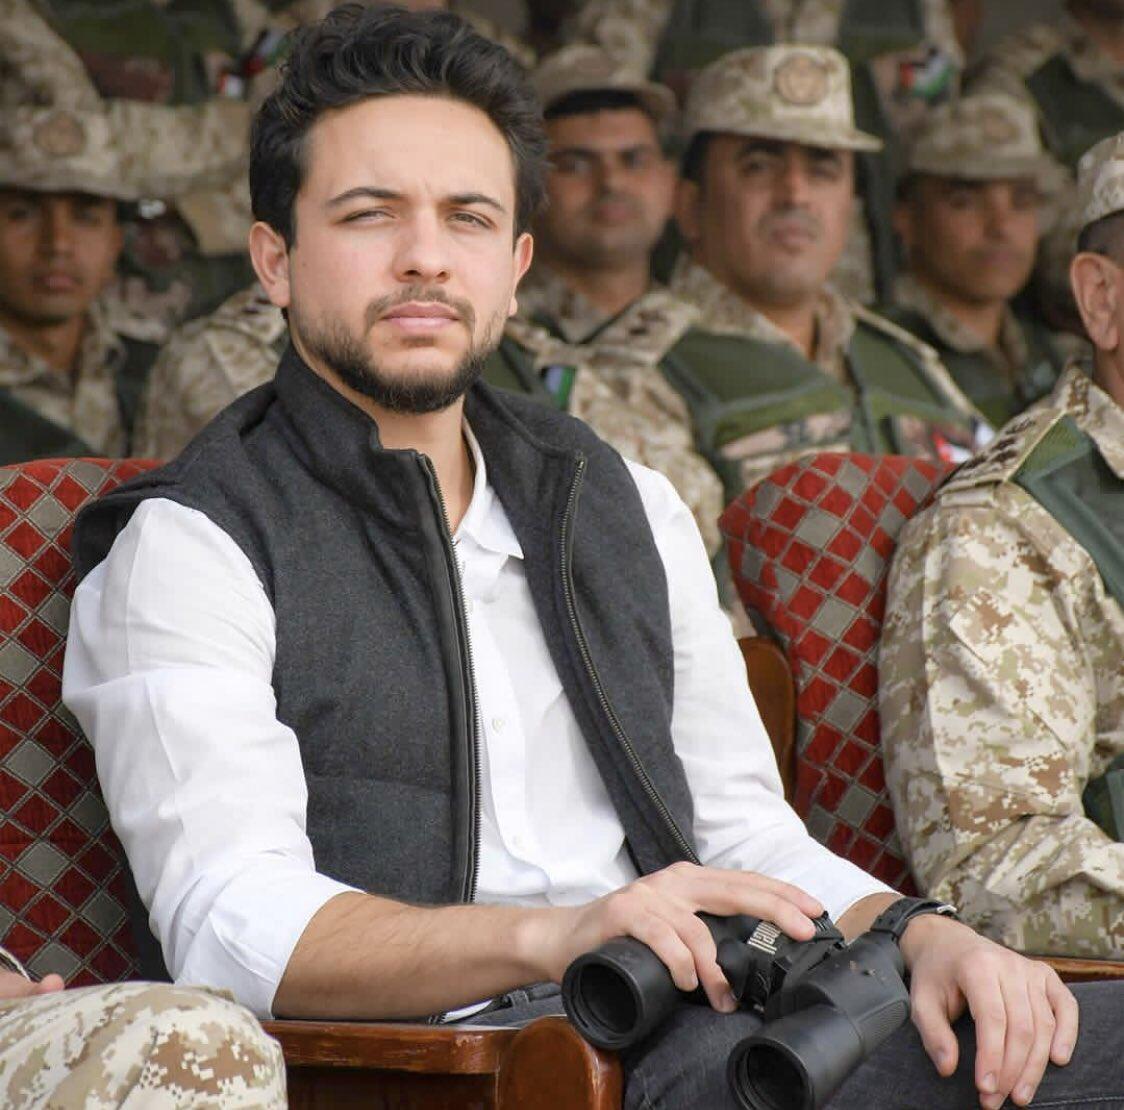 ولـي العهـد: أعتـز بجهـود نـشامـى الجيش